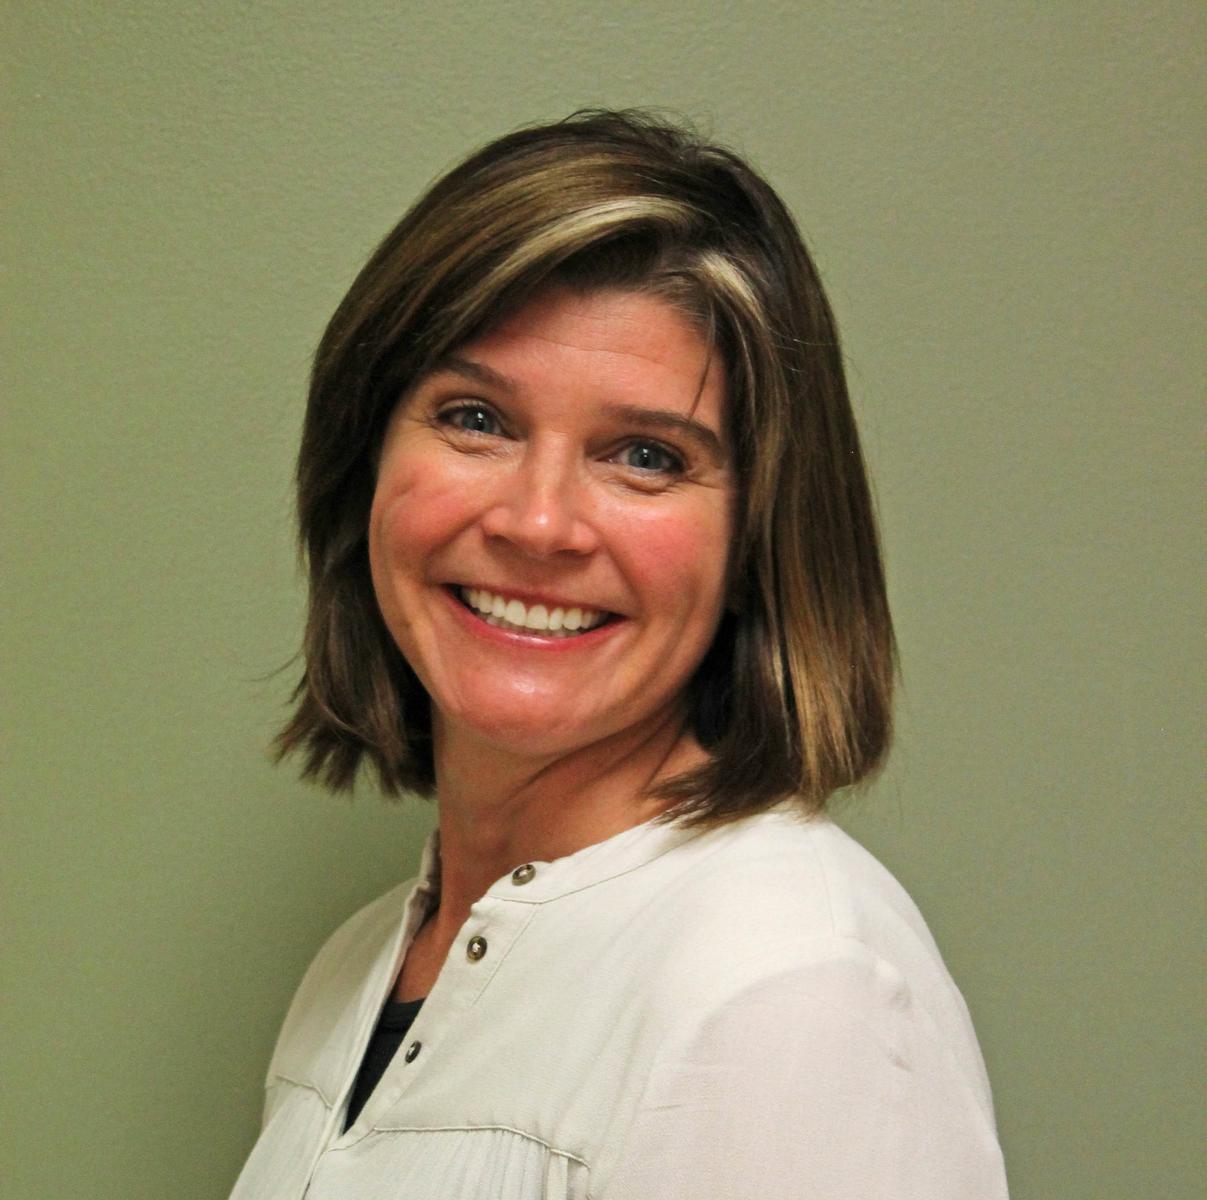 Dr Sarah Sewall.jpg